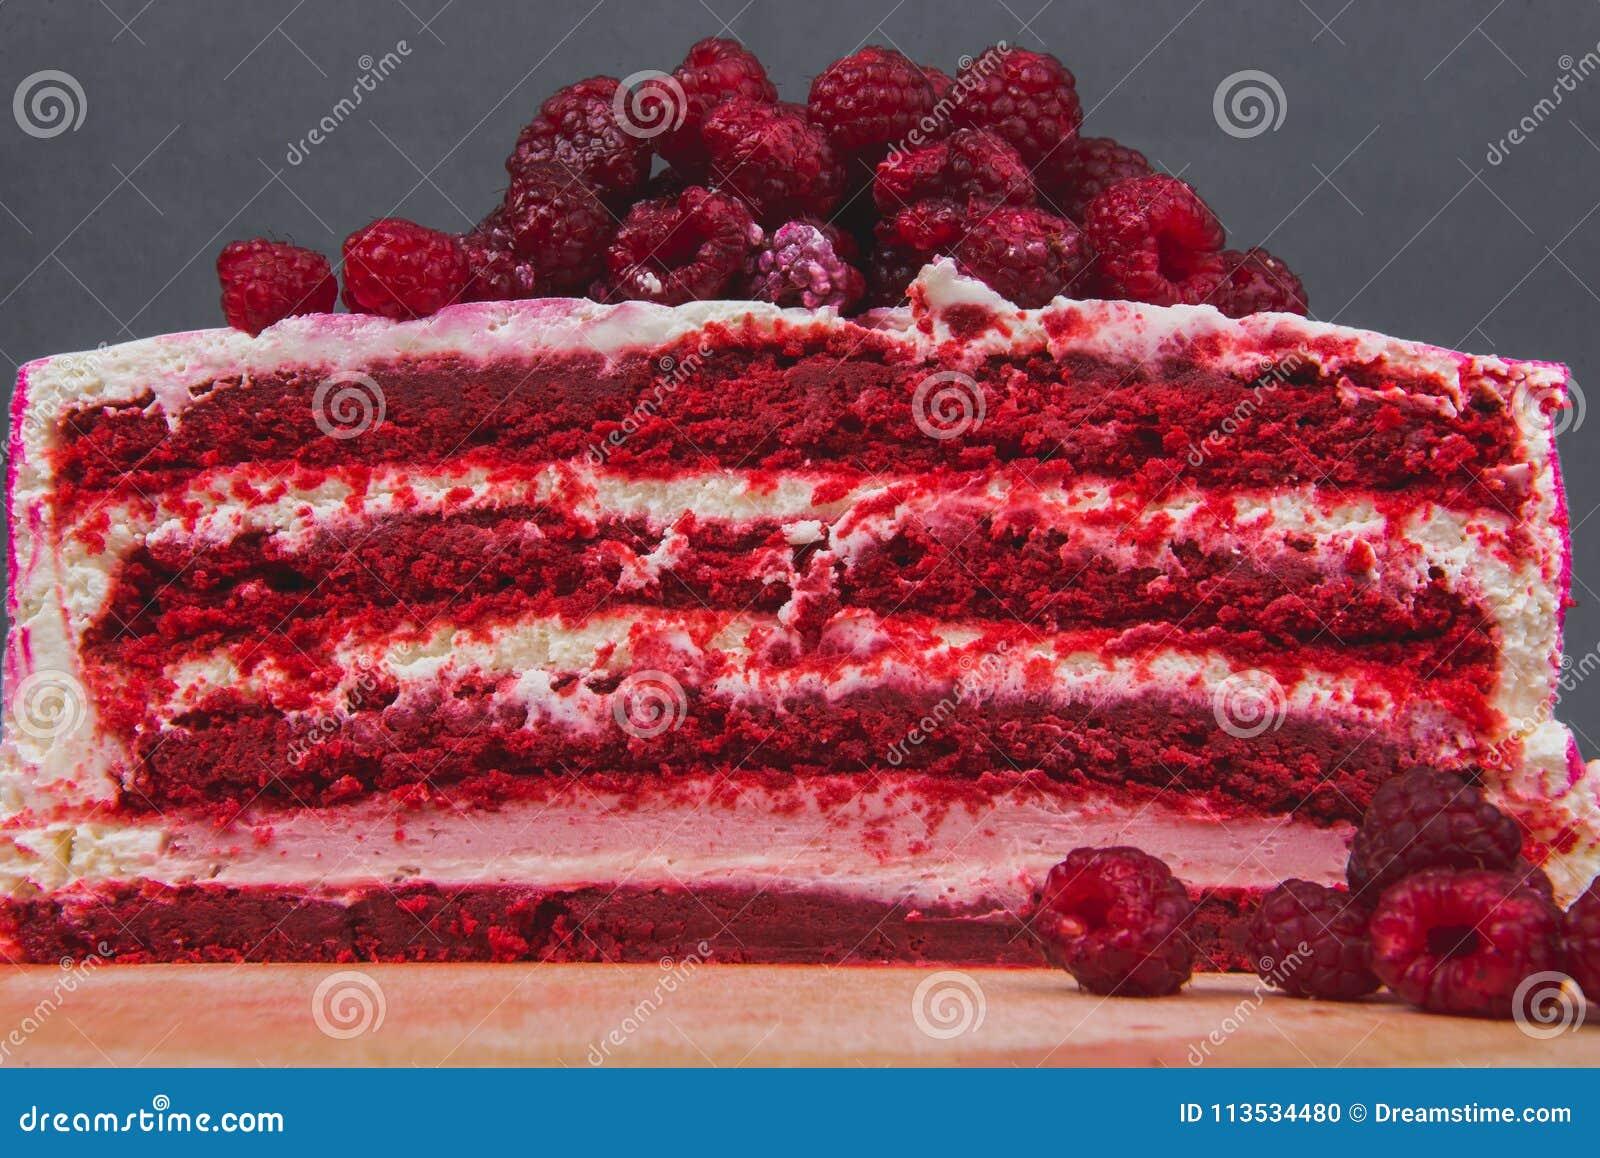 Wyśmienicie tort dekorował z malinkami na szarym tle